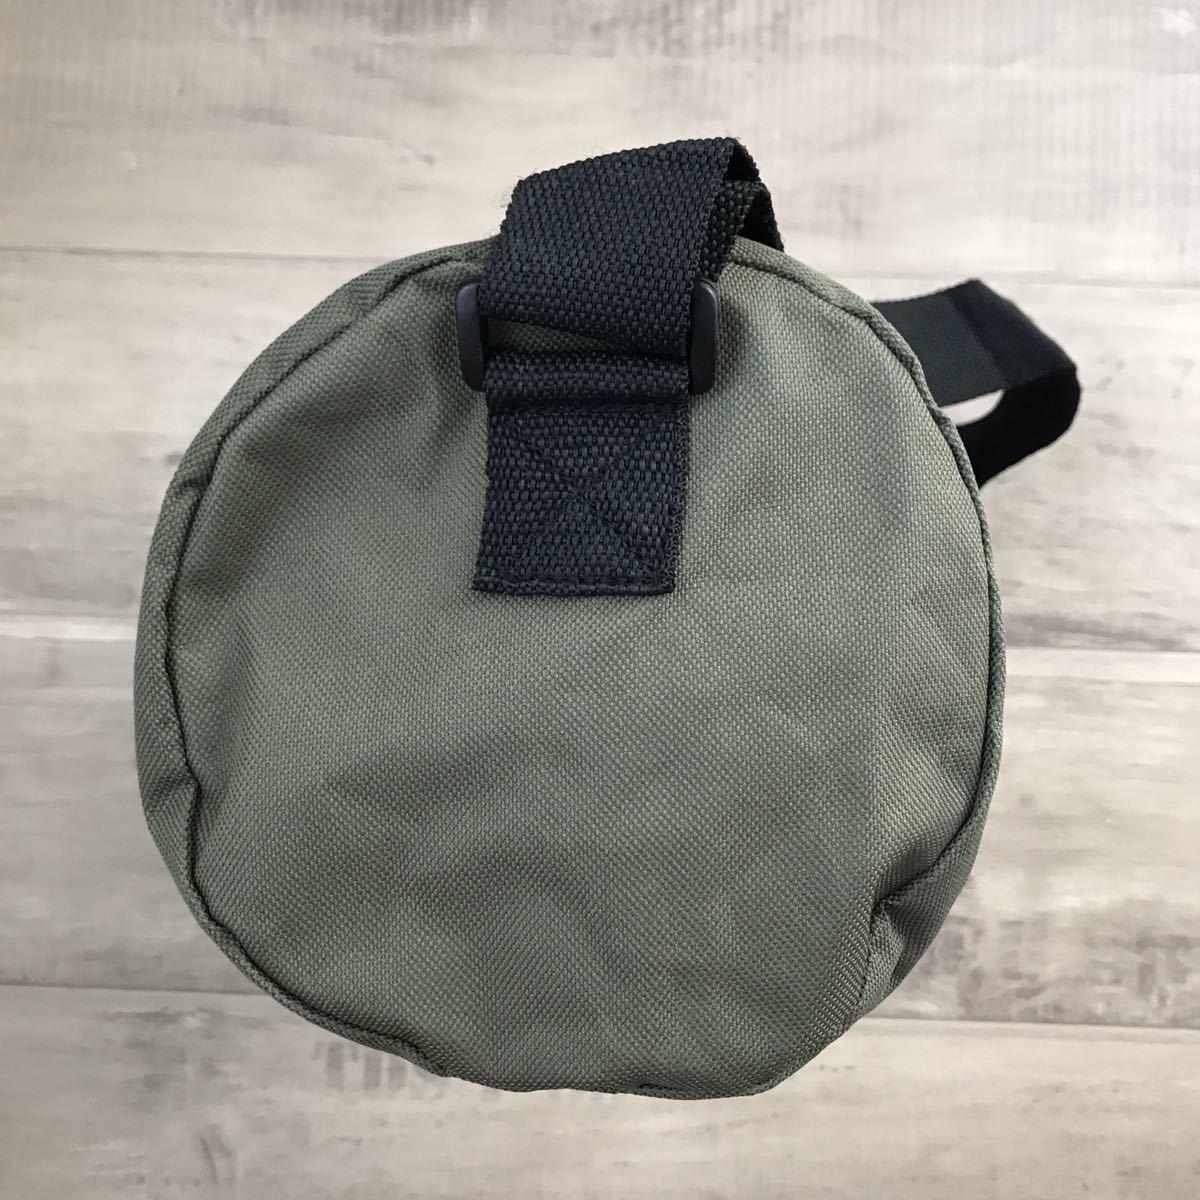 ★新品★ BAPE ドラムバッグ a bathing ape bag ショルダー ボストン バッグ エイプ ベイプ アベイシングエイプ